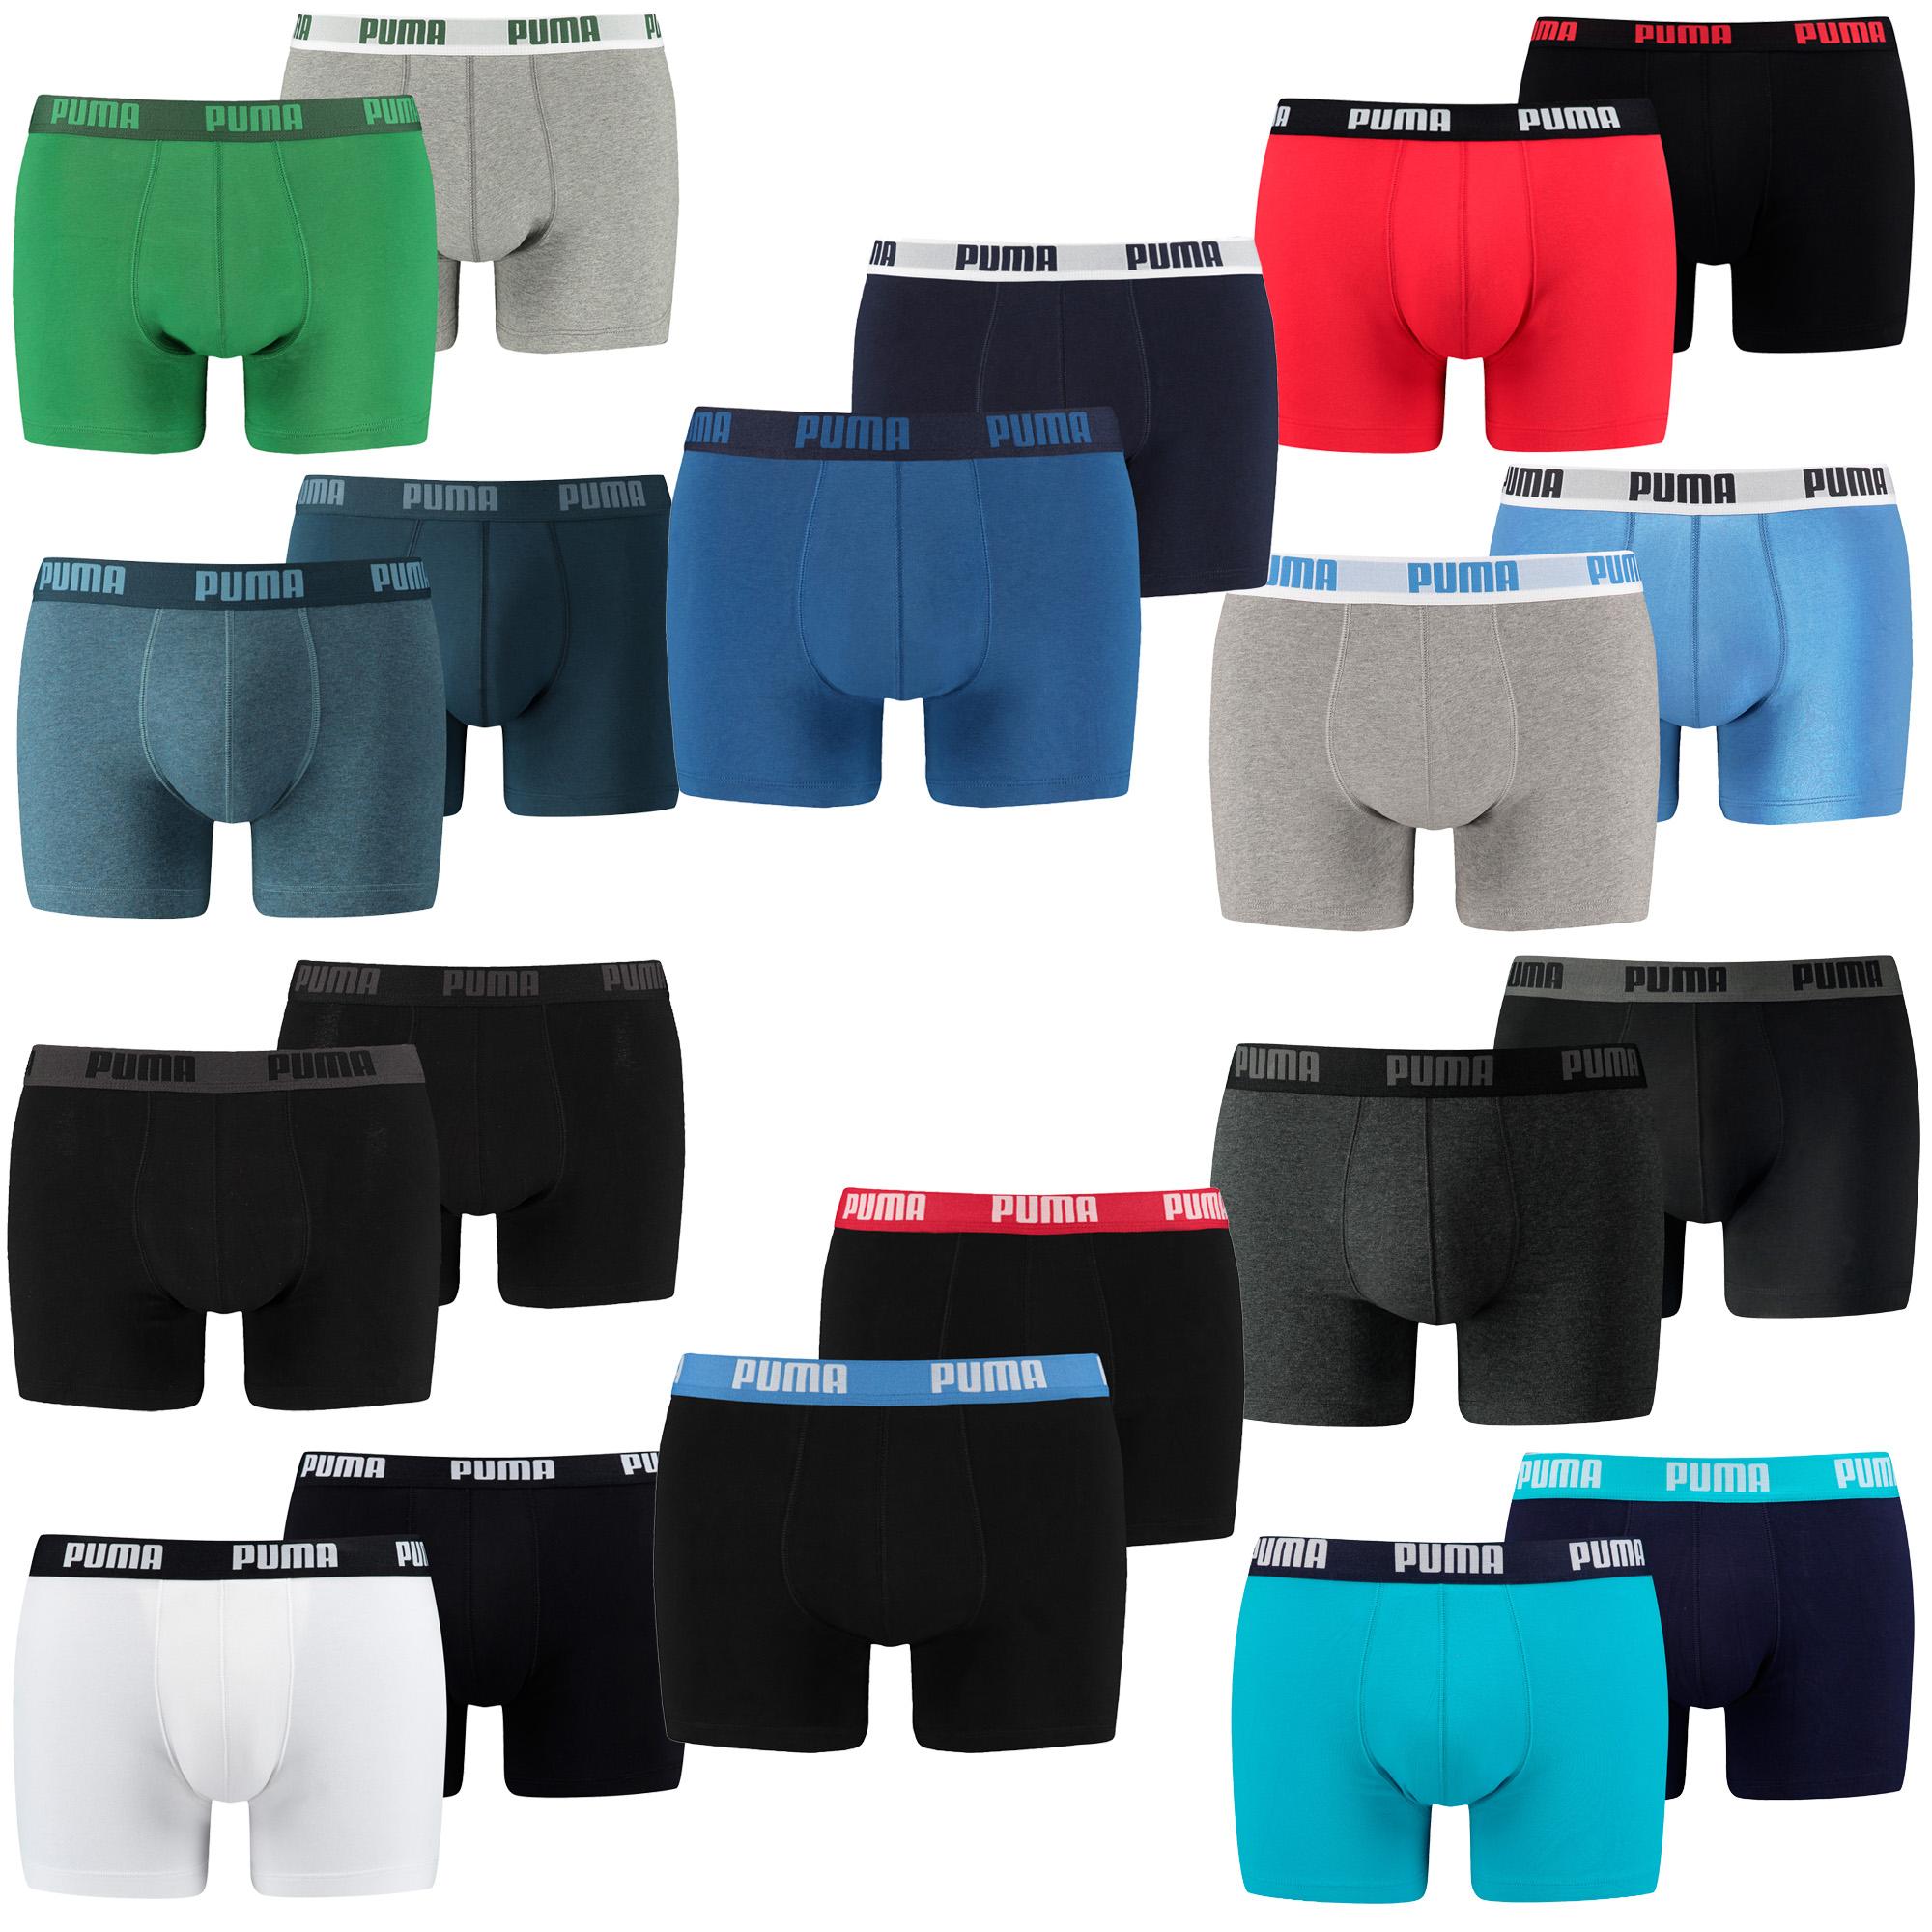 12 er Pack Puma Boxer Boxershorts Men Herren Unterhose Pant